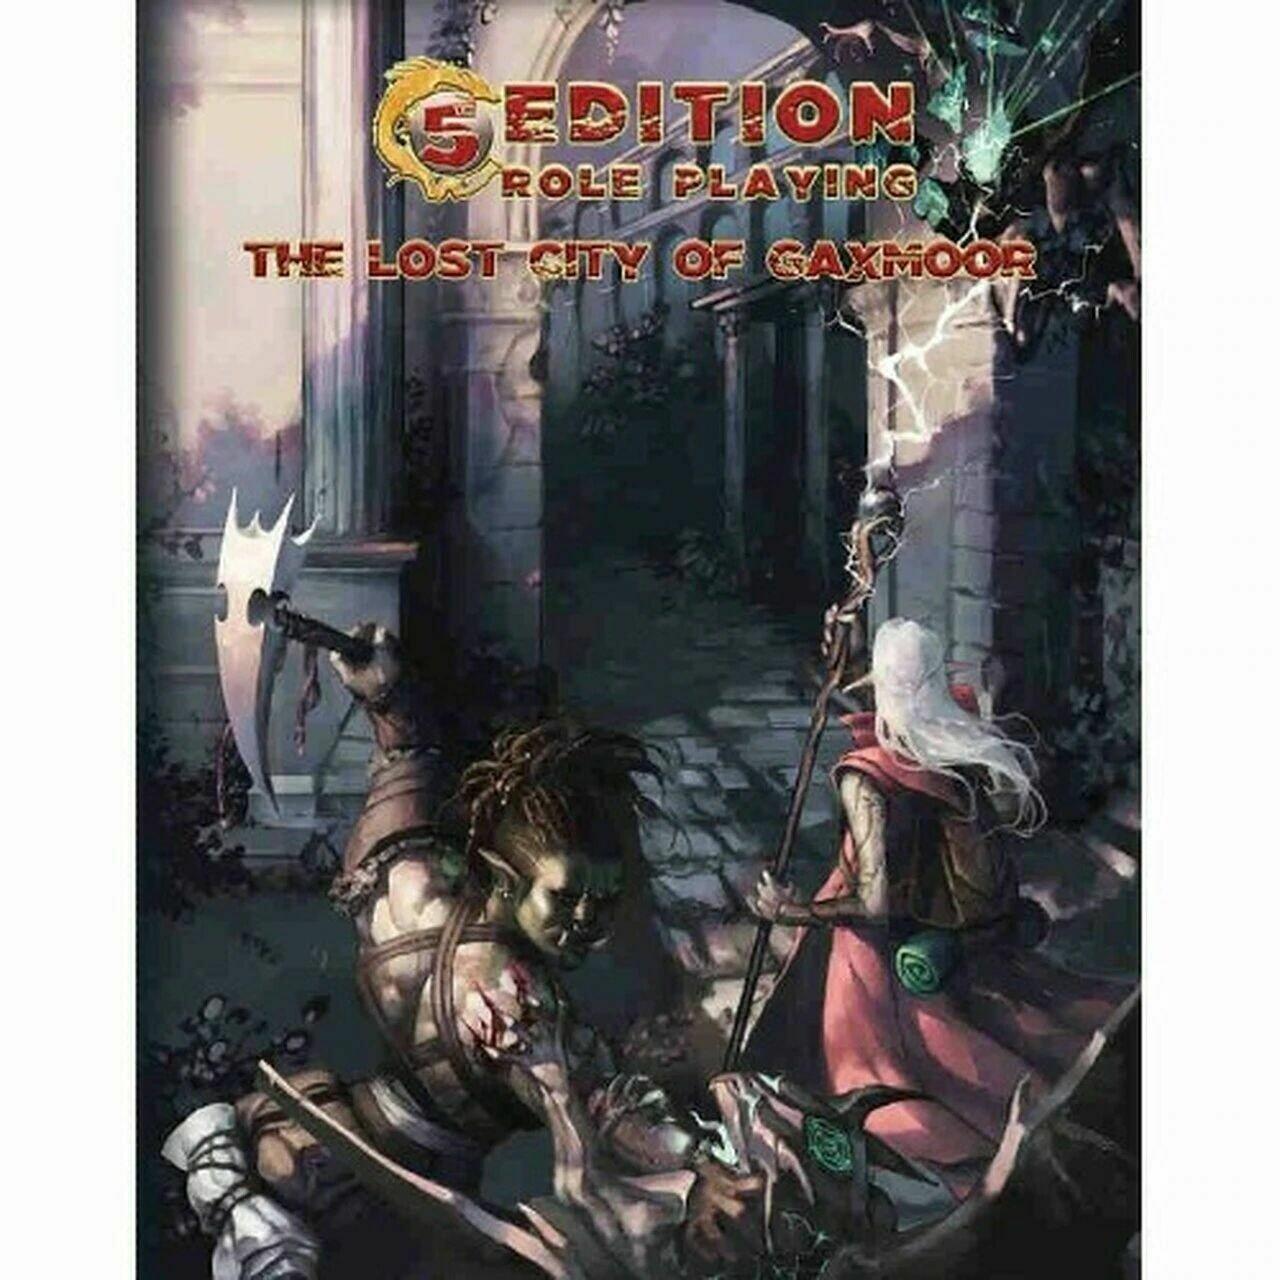 5e: Adventure: The Lost City of Gaxmoor